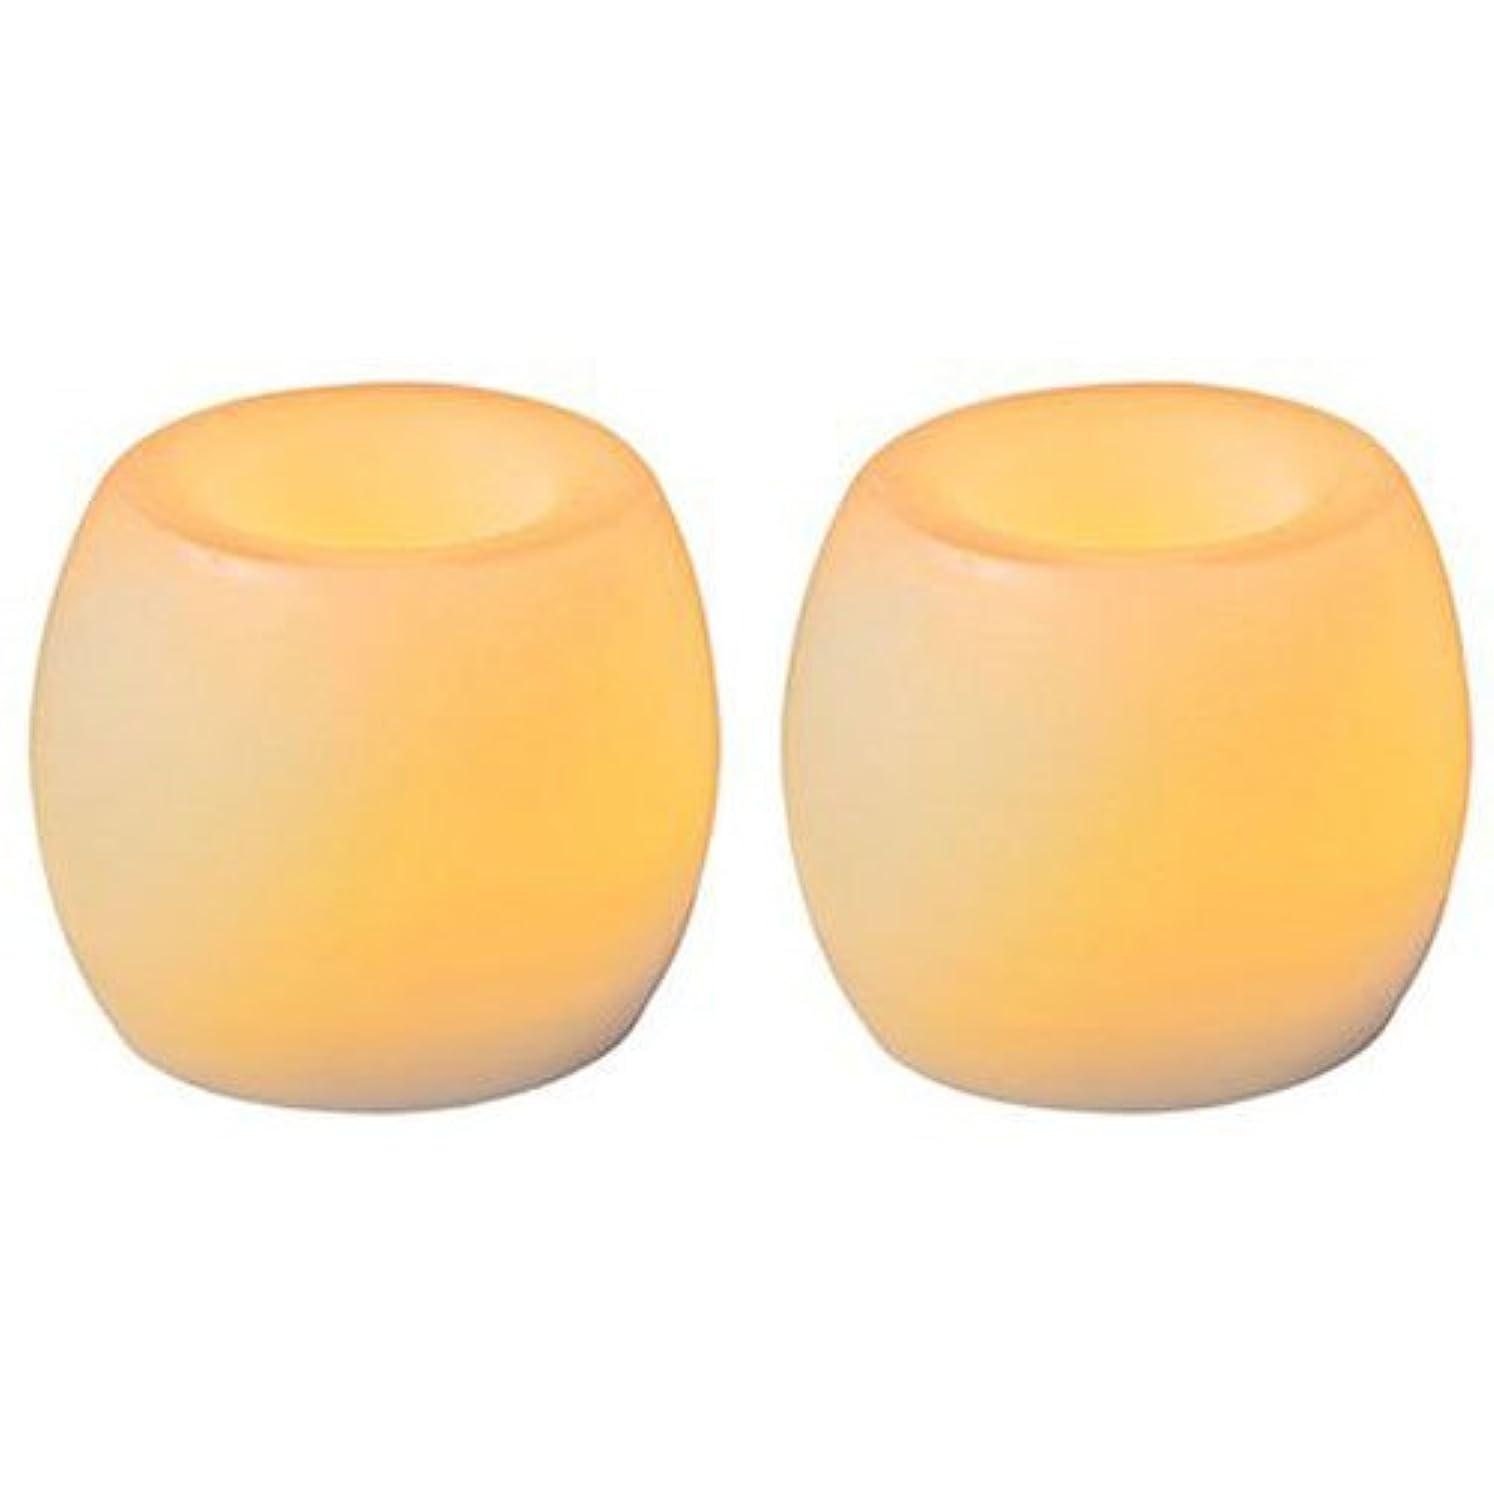 マインドフル信頼できるディスクInglow Flameless Mini Curved SquaresバニラScented Candle 2 - Pack 1 ベージュ CG24101CR201